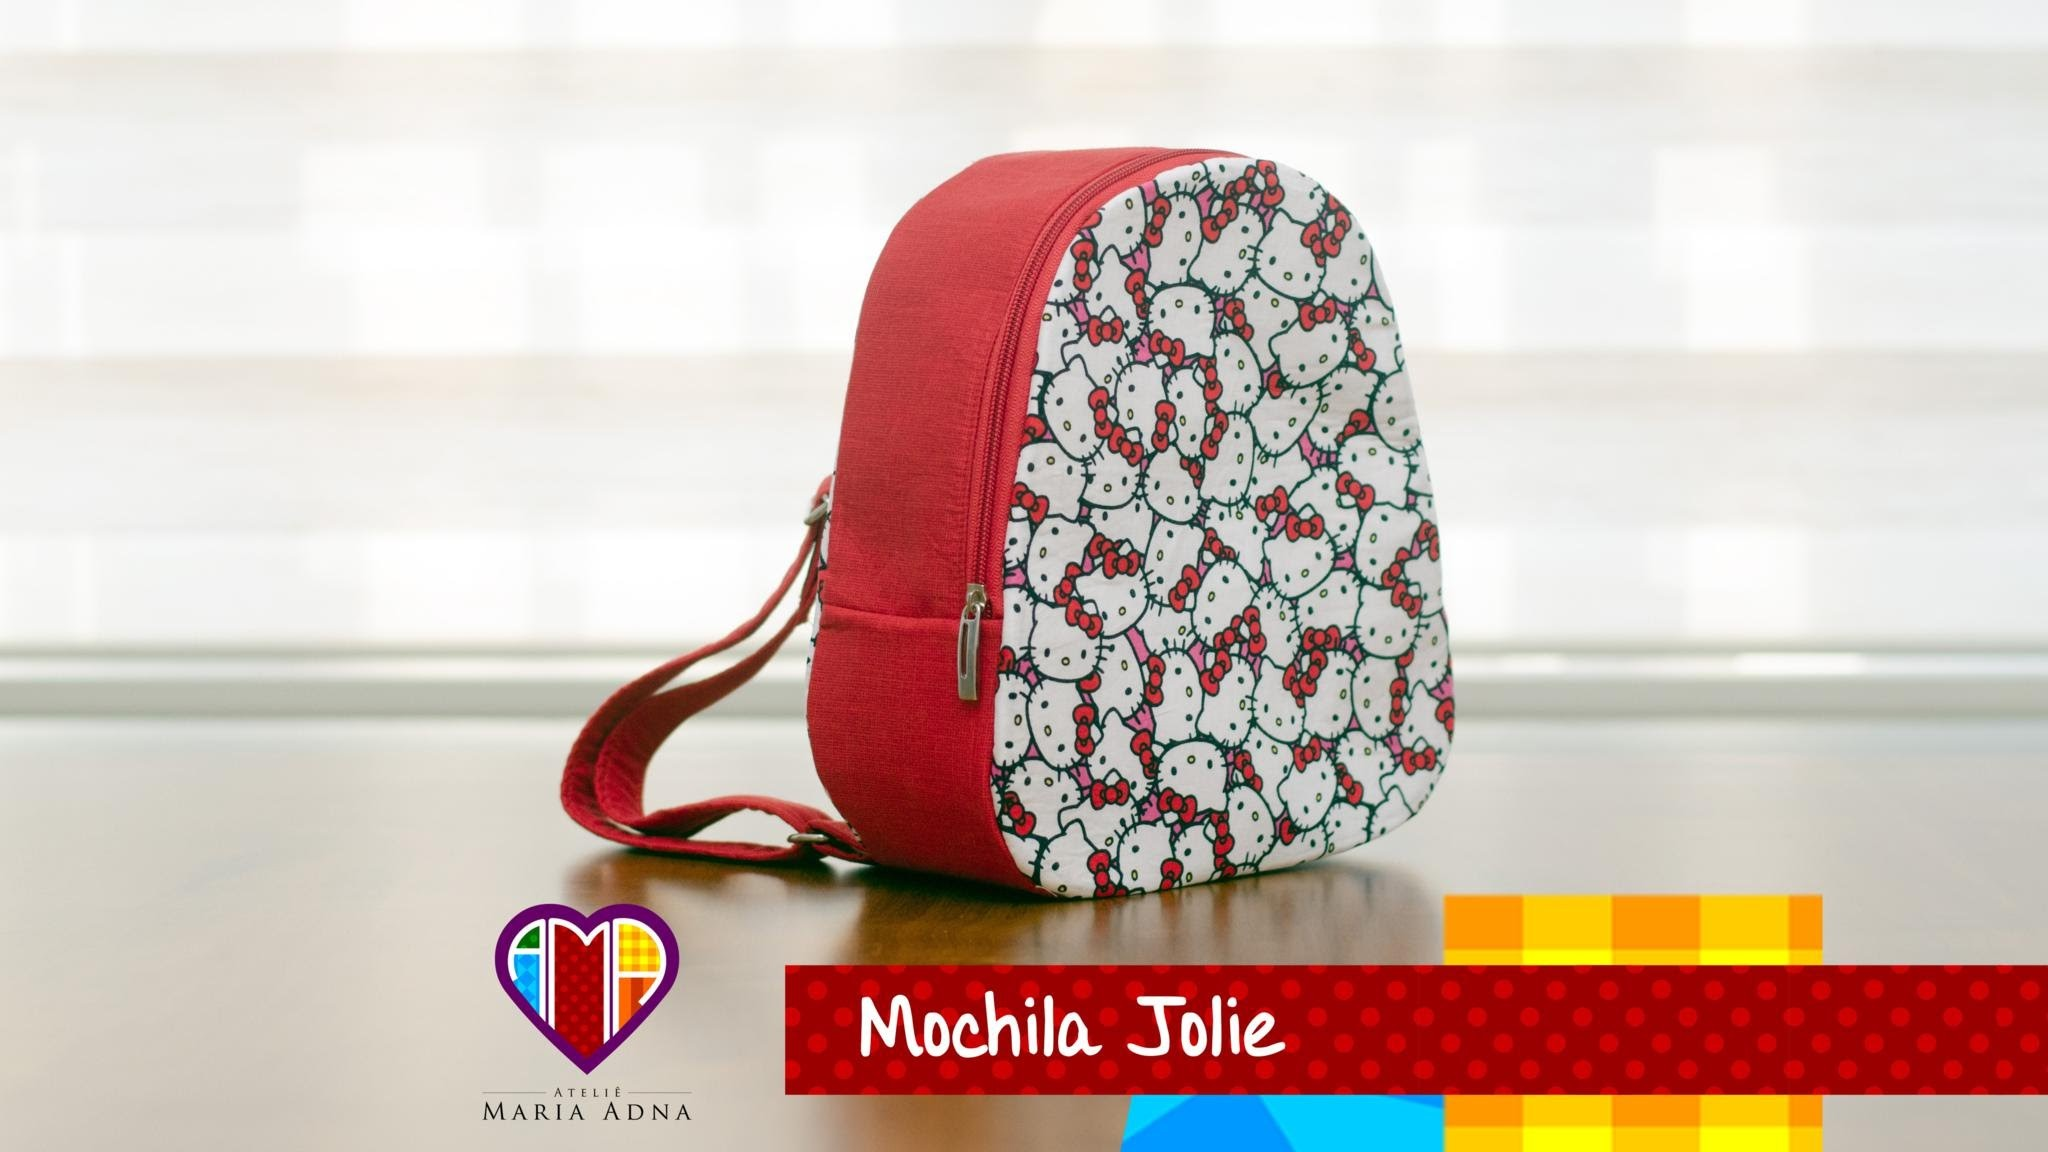 Bolsa mochila infantil em tecidos Jolie- Maria Adna Ateliê - Aulas de bolsas e mochilas em tecidos